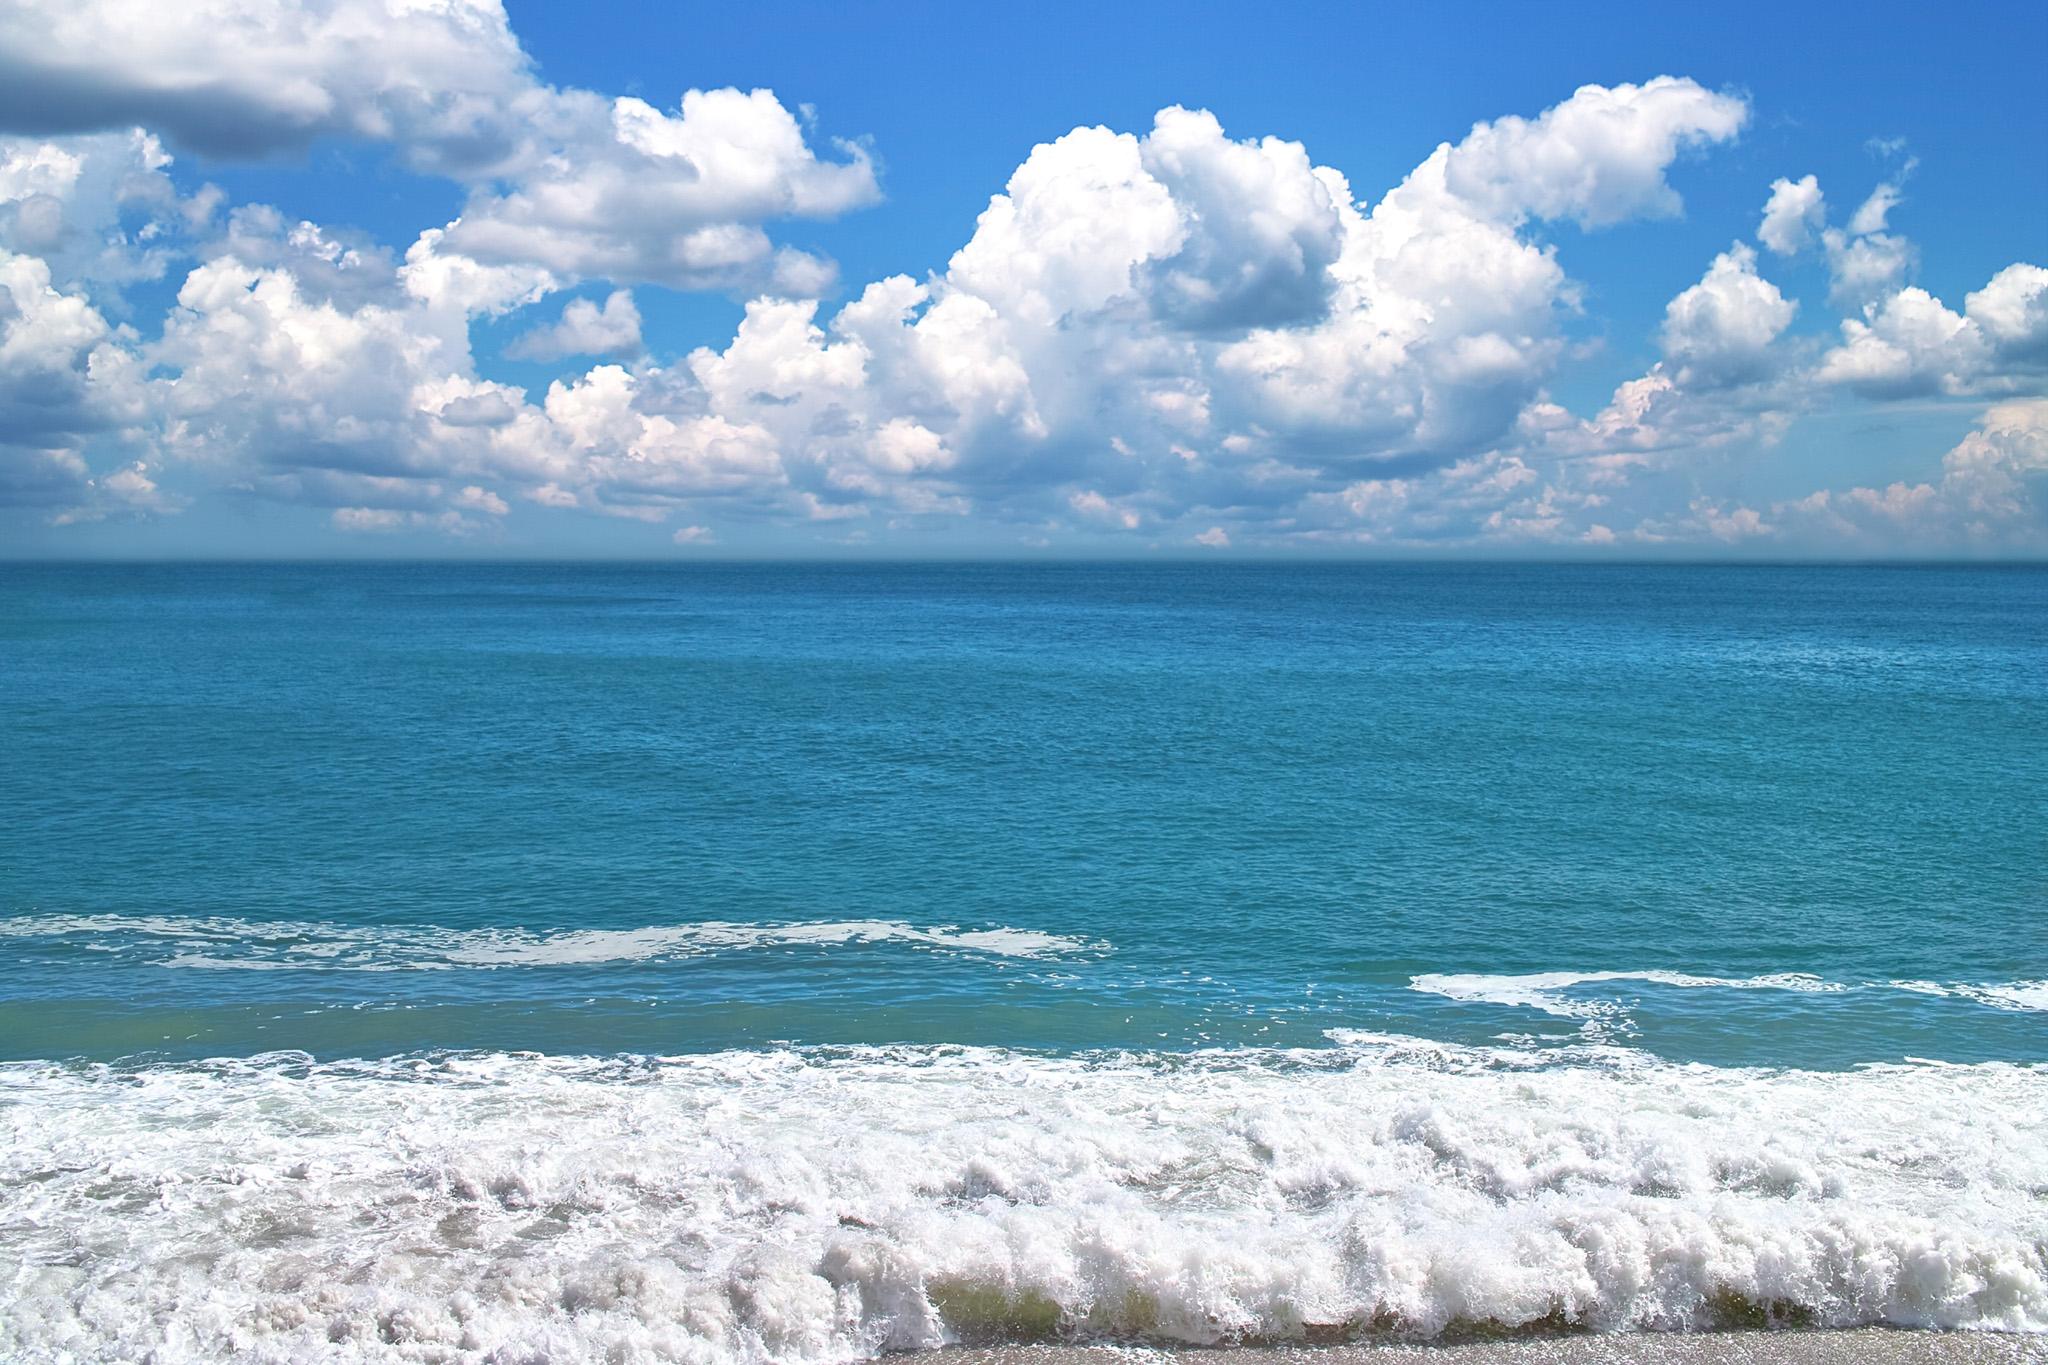 「夏の海と入道雲の空」